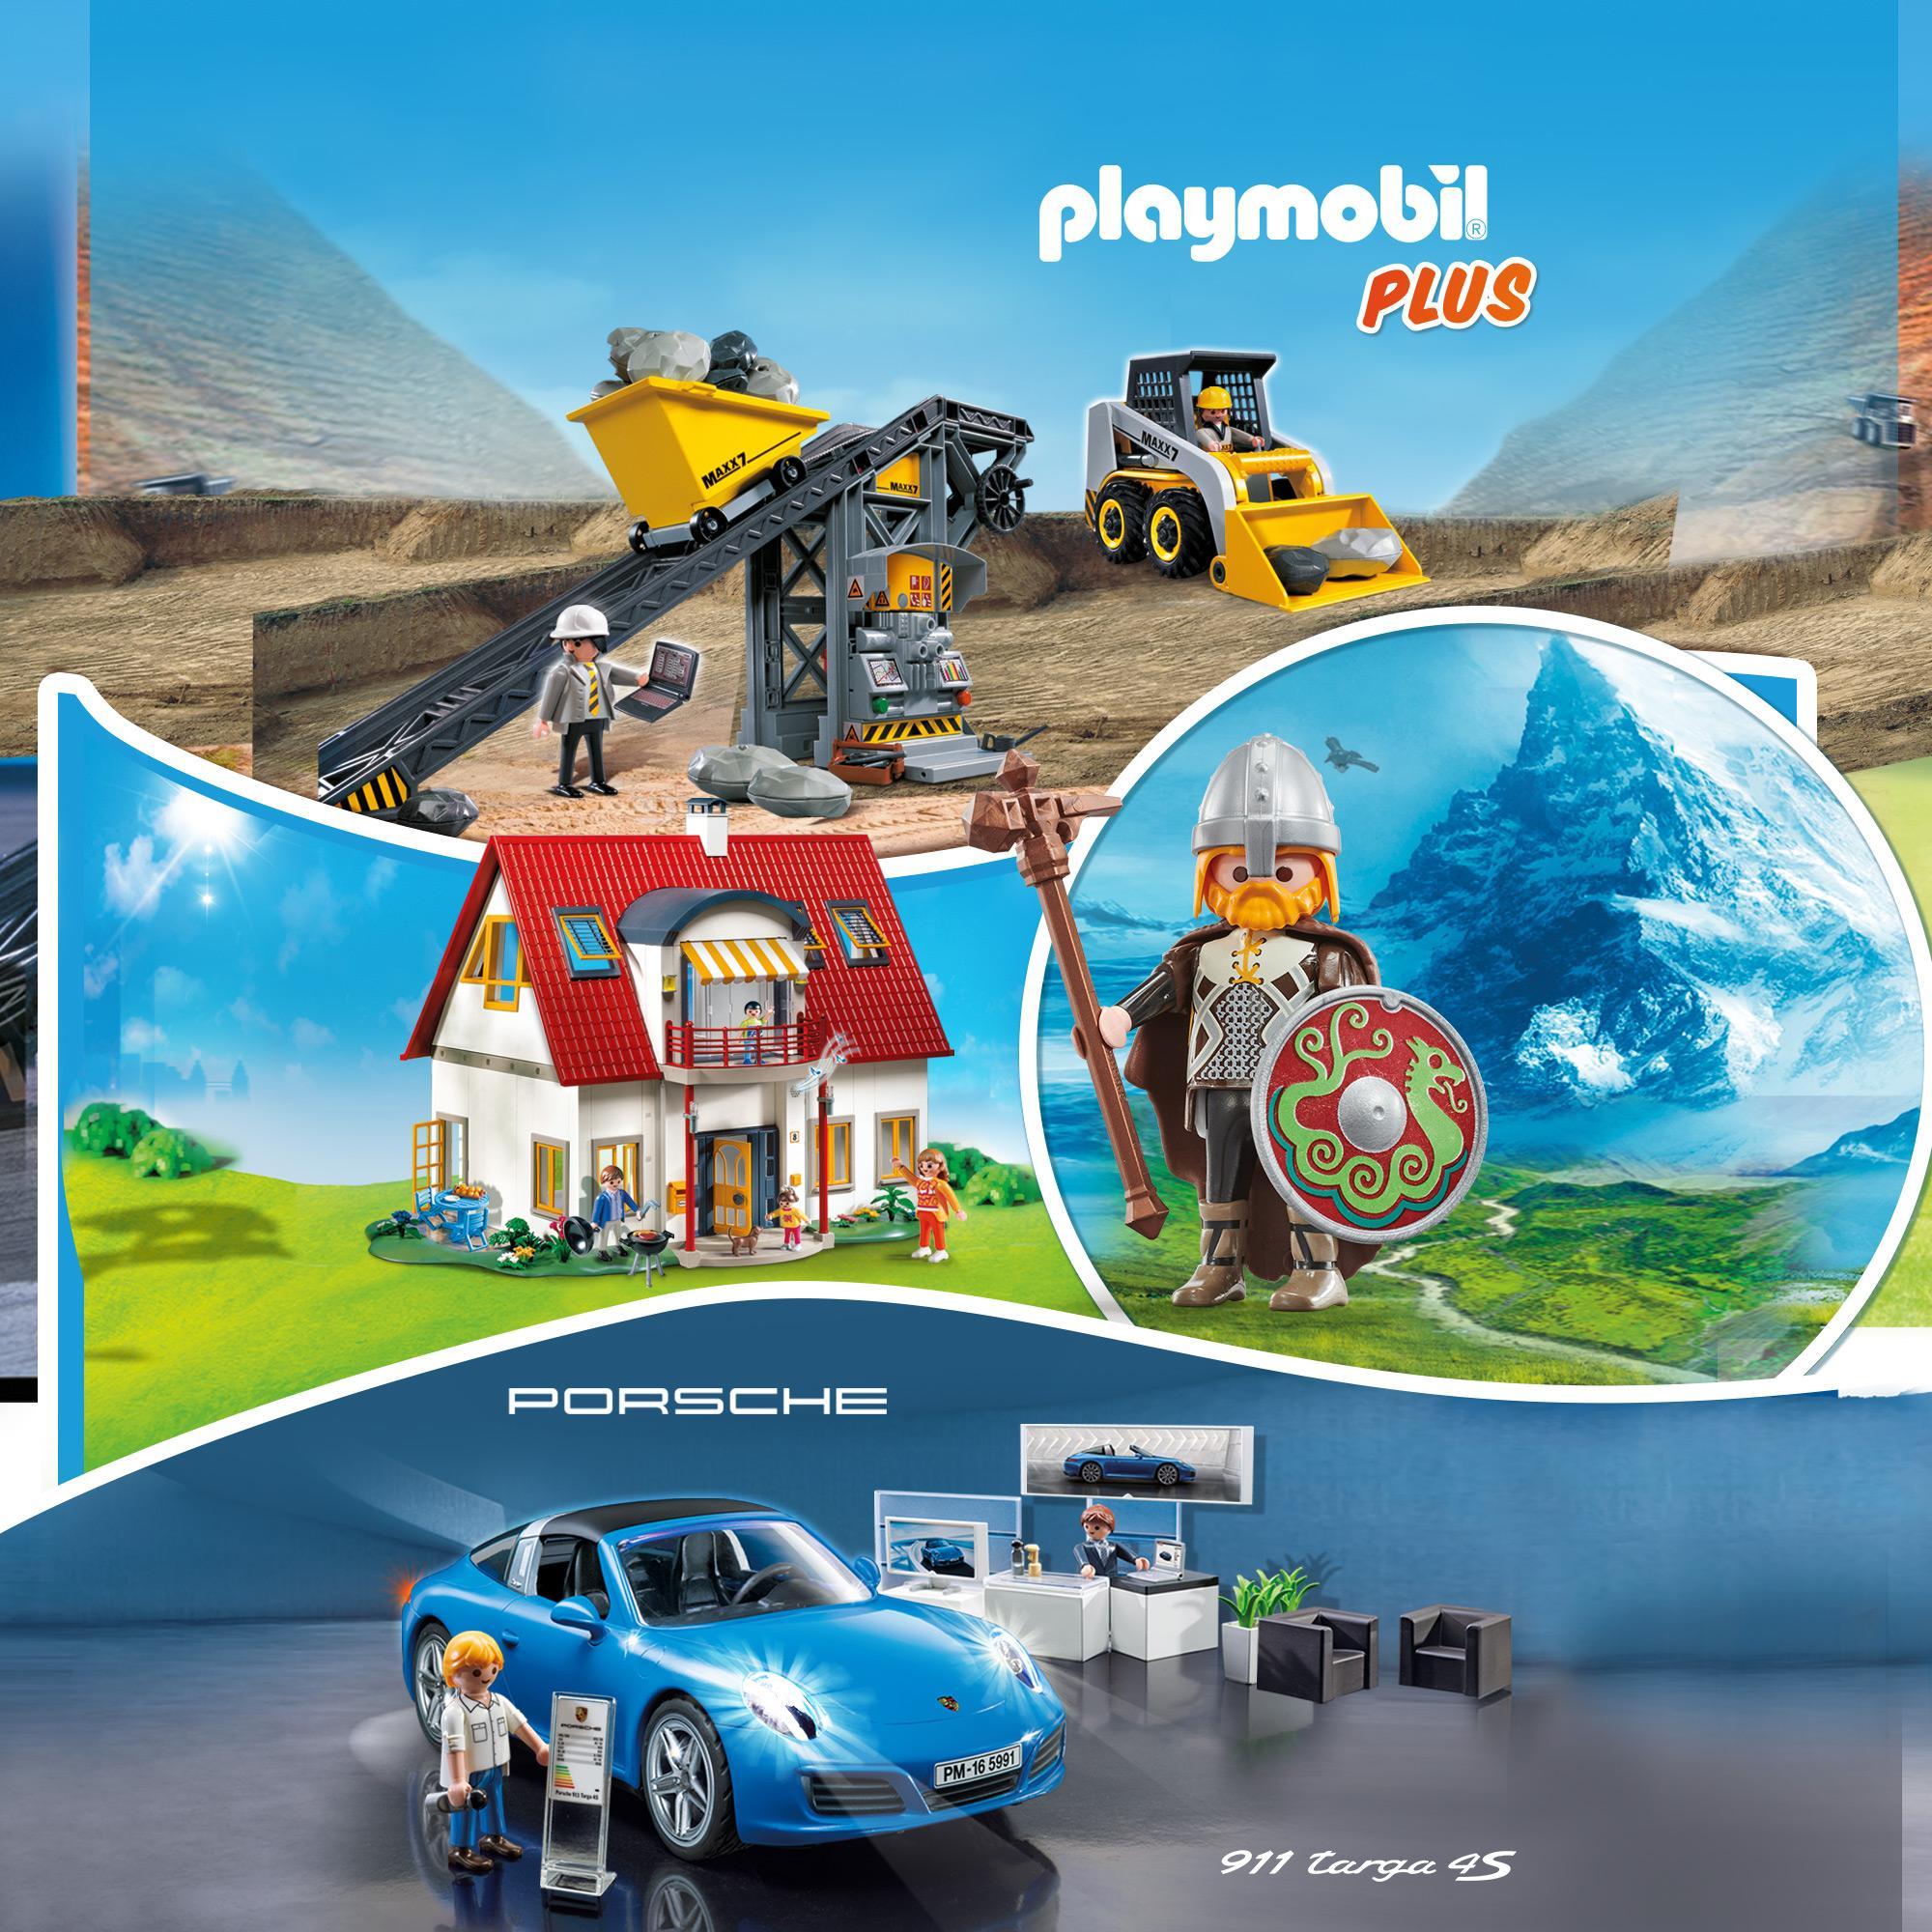 playmobil jouets boutique officielle